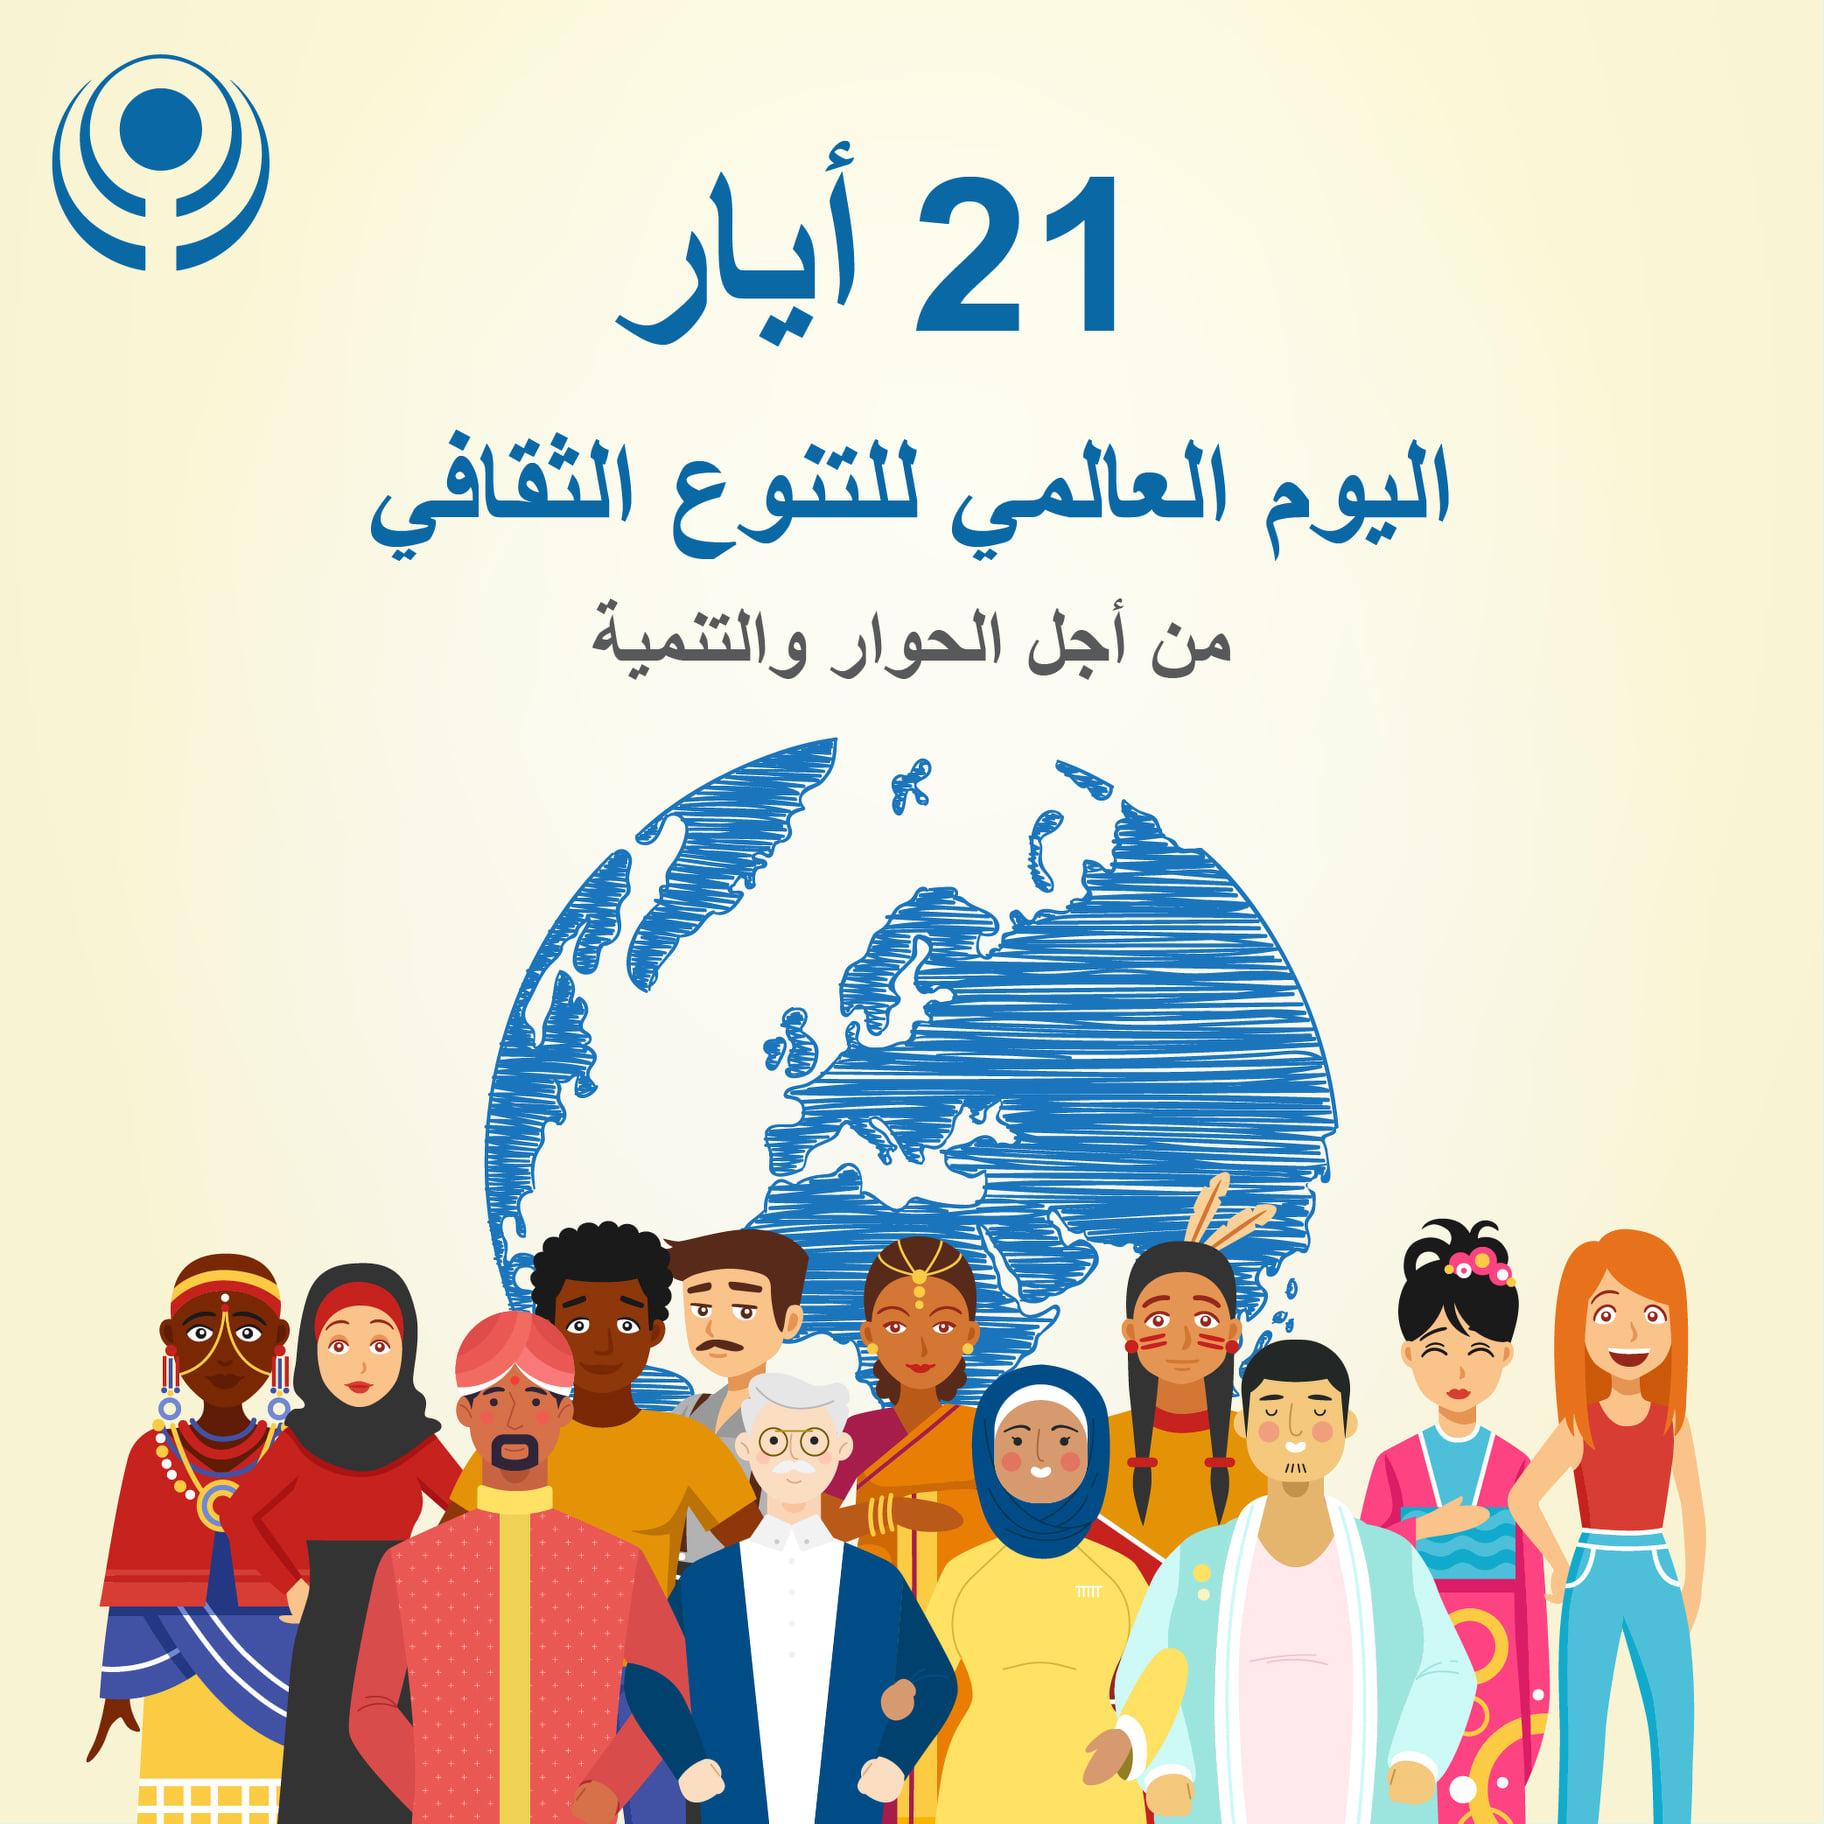 اليوم العالمي للتنوع الثقافي